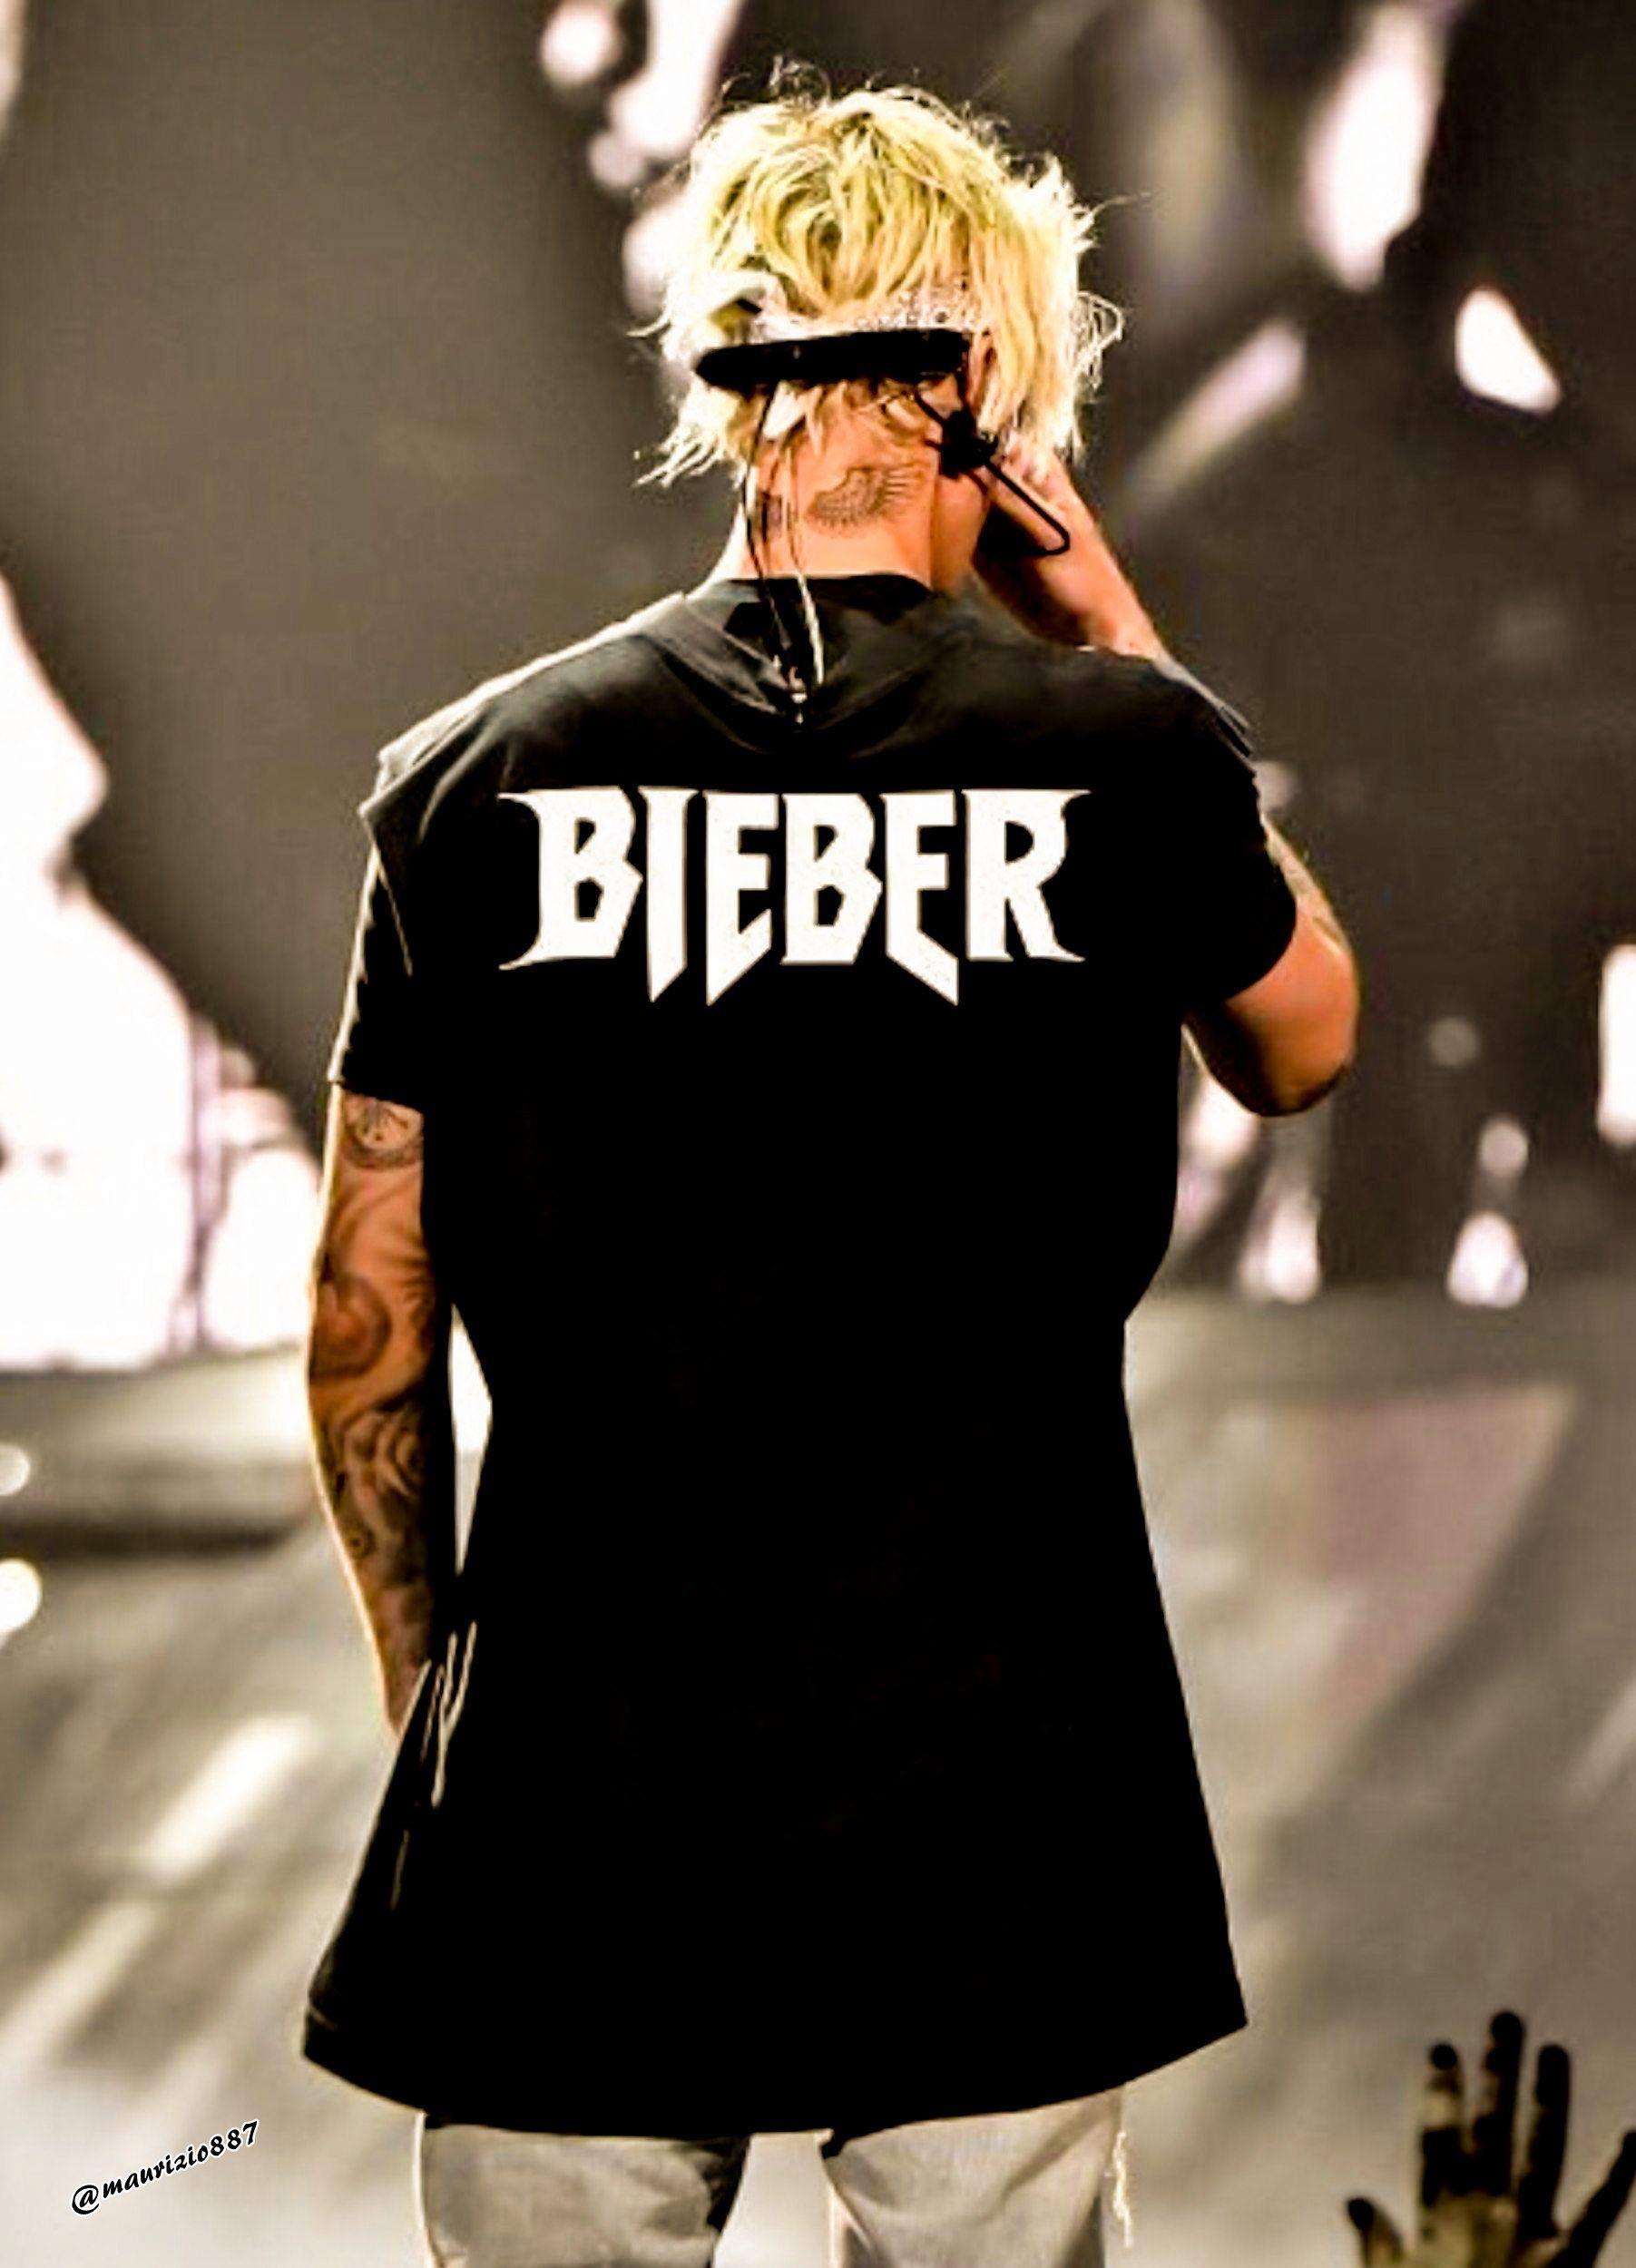 Photo of justin bieber,2016 for fans of Justin Bieber. justin bieber,2016